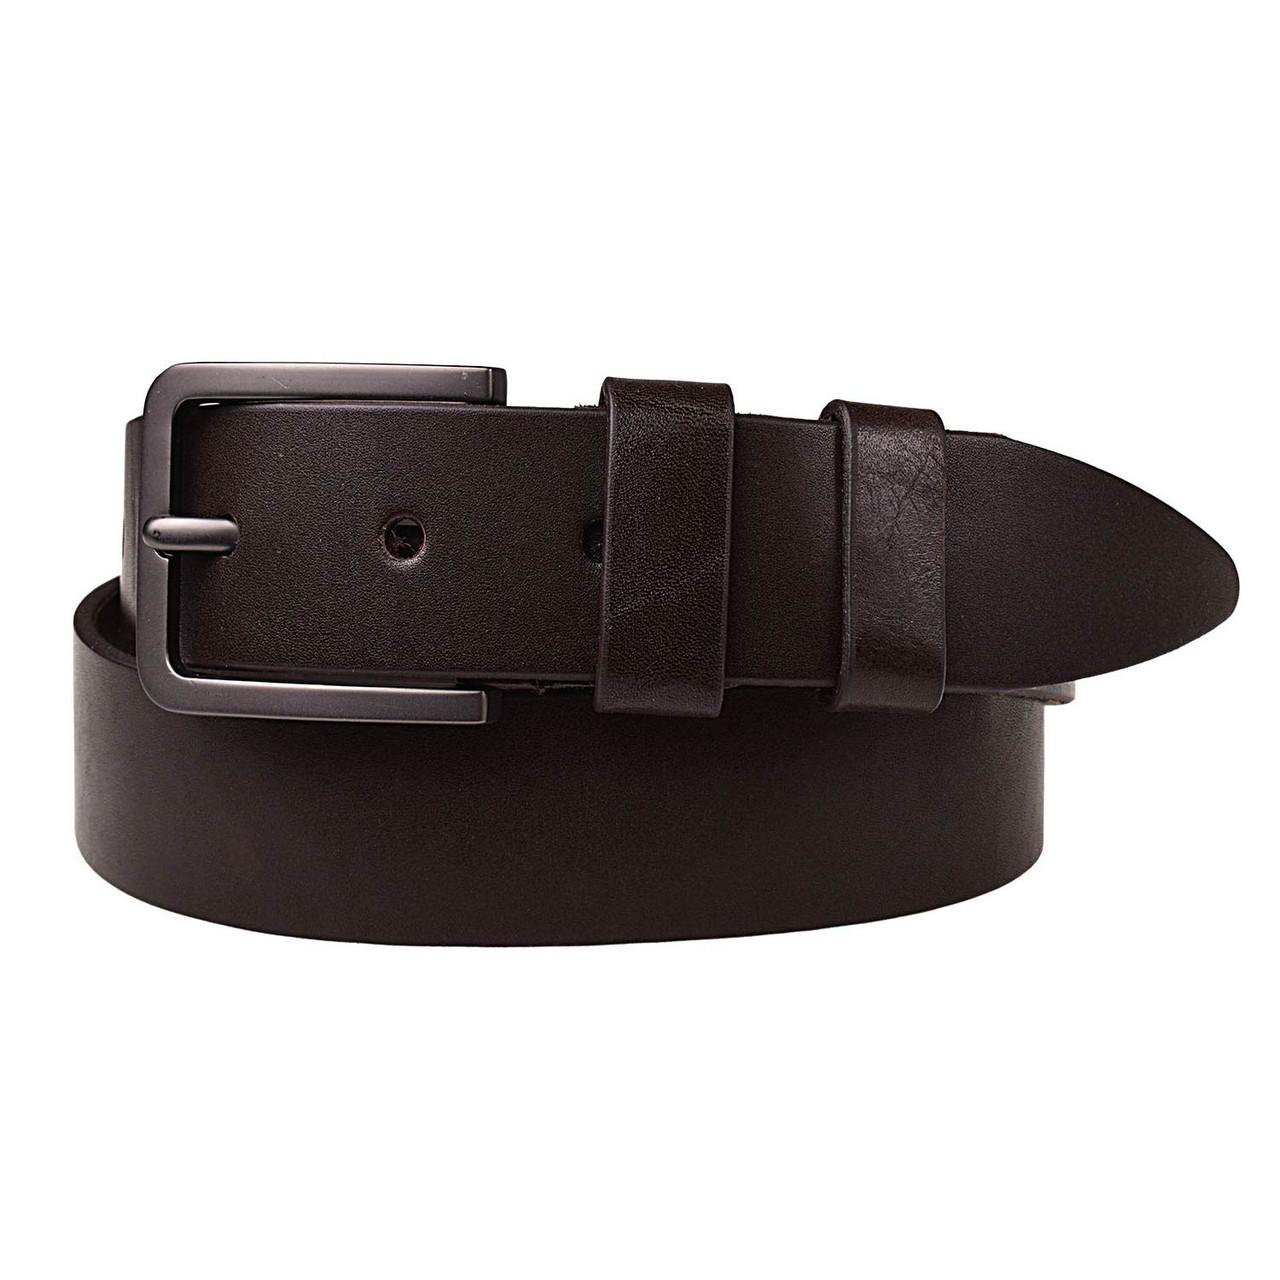 Натуральная кожаный мужской ремень JK Темно-коричневый (MC402050126)